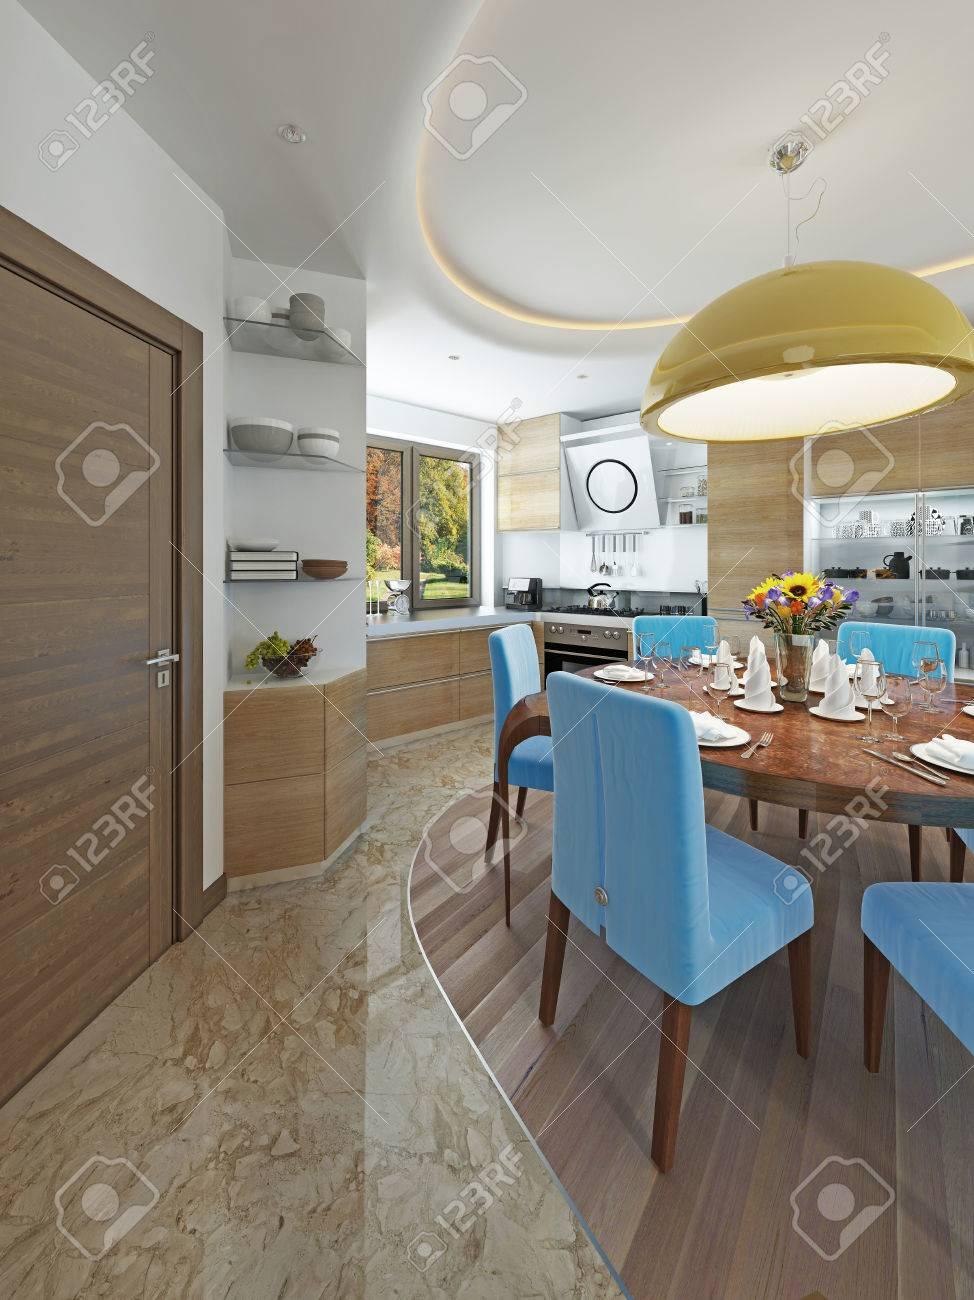 Cuisine Moderne Salle A Manger Dans Le Style Du Kitsch Cuisine Avec Bois Clair Table A Manger Pour Six Personnes Rendu 3d